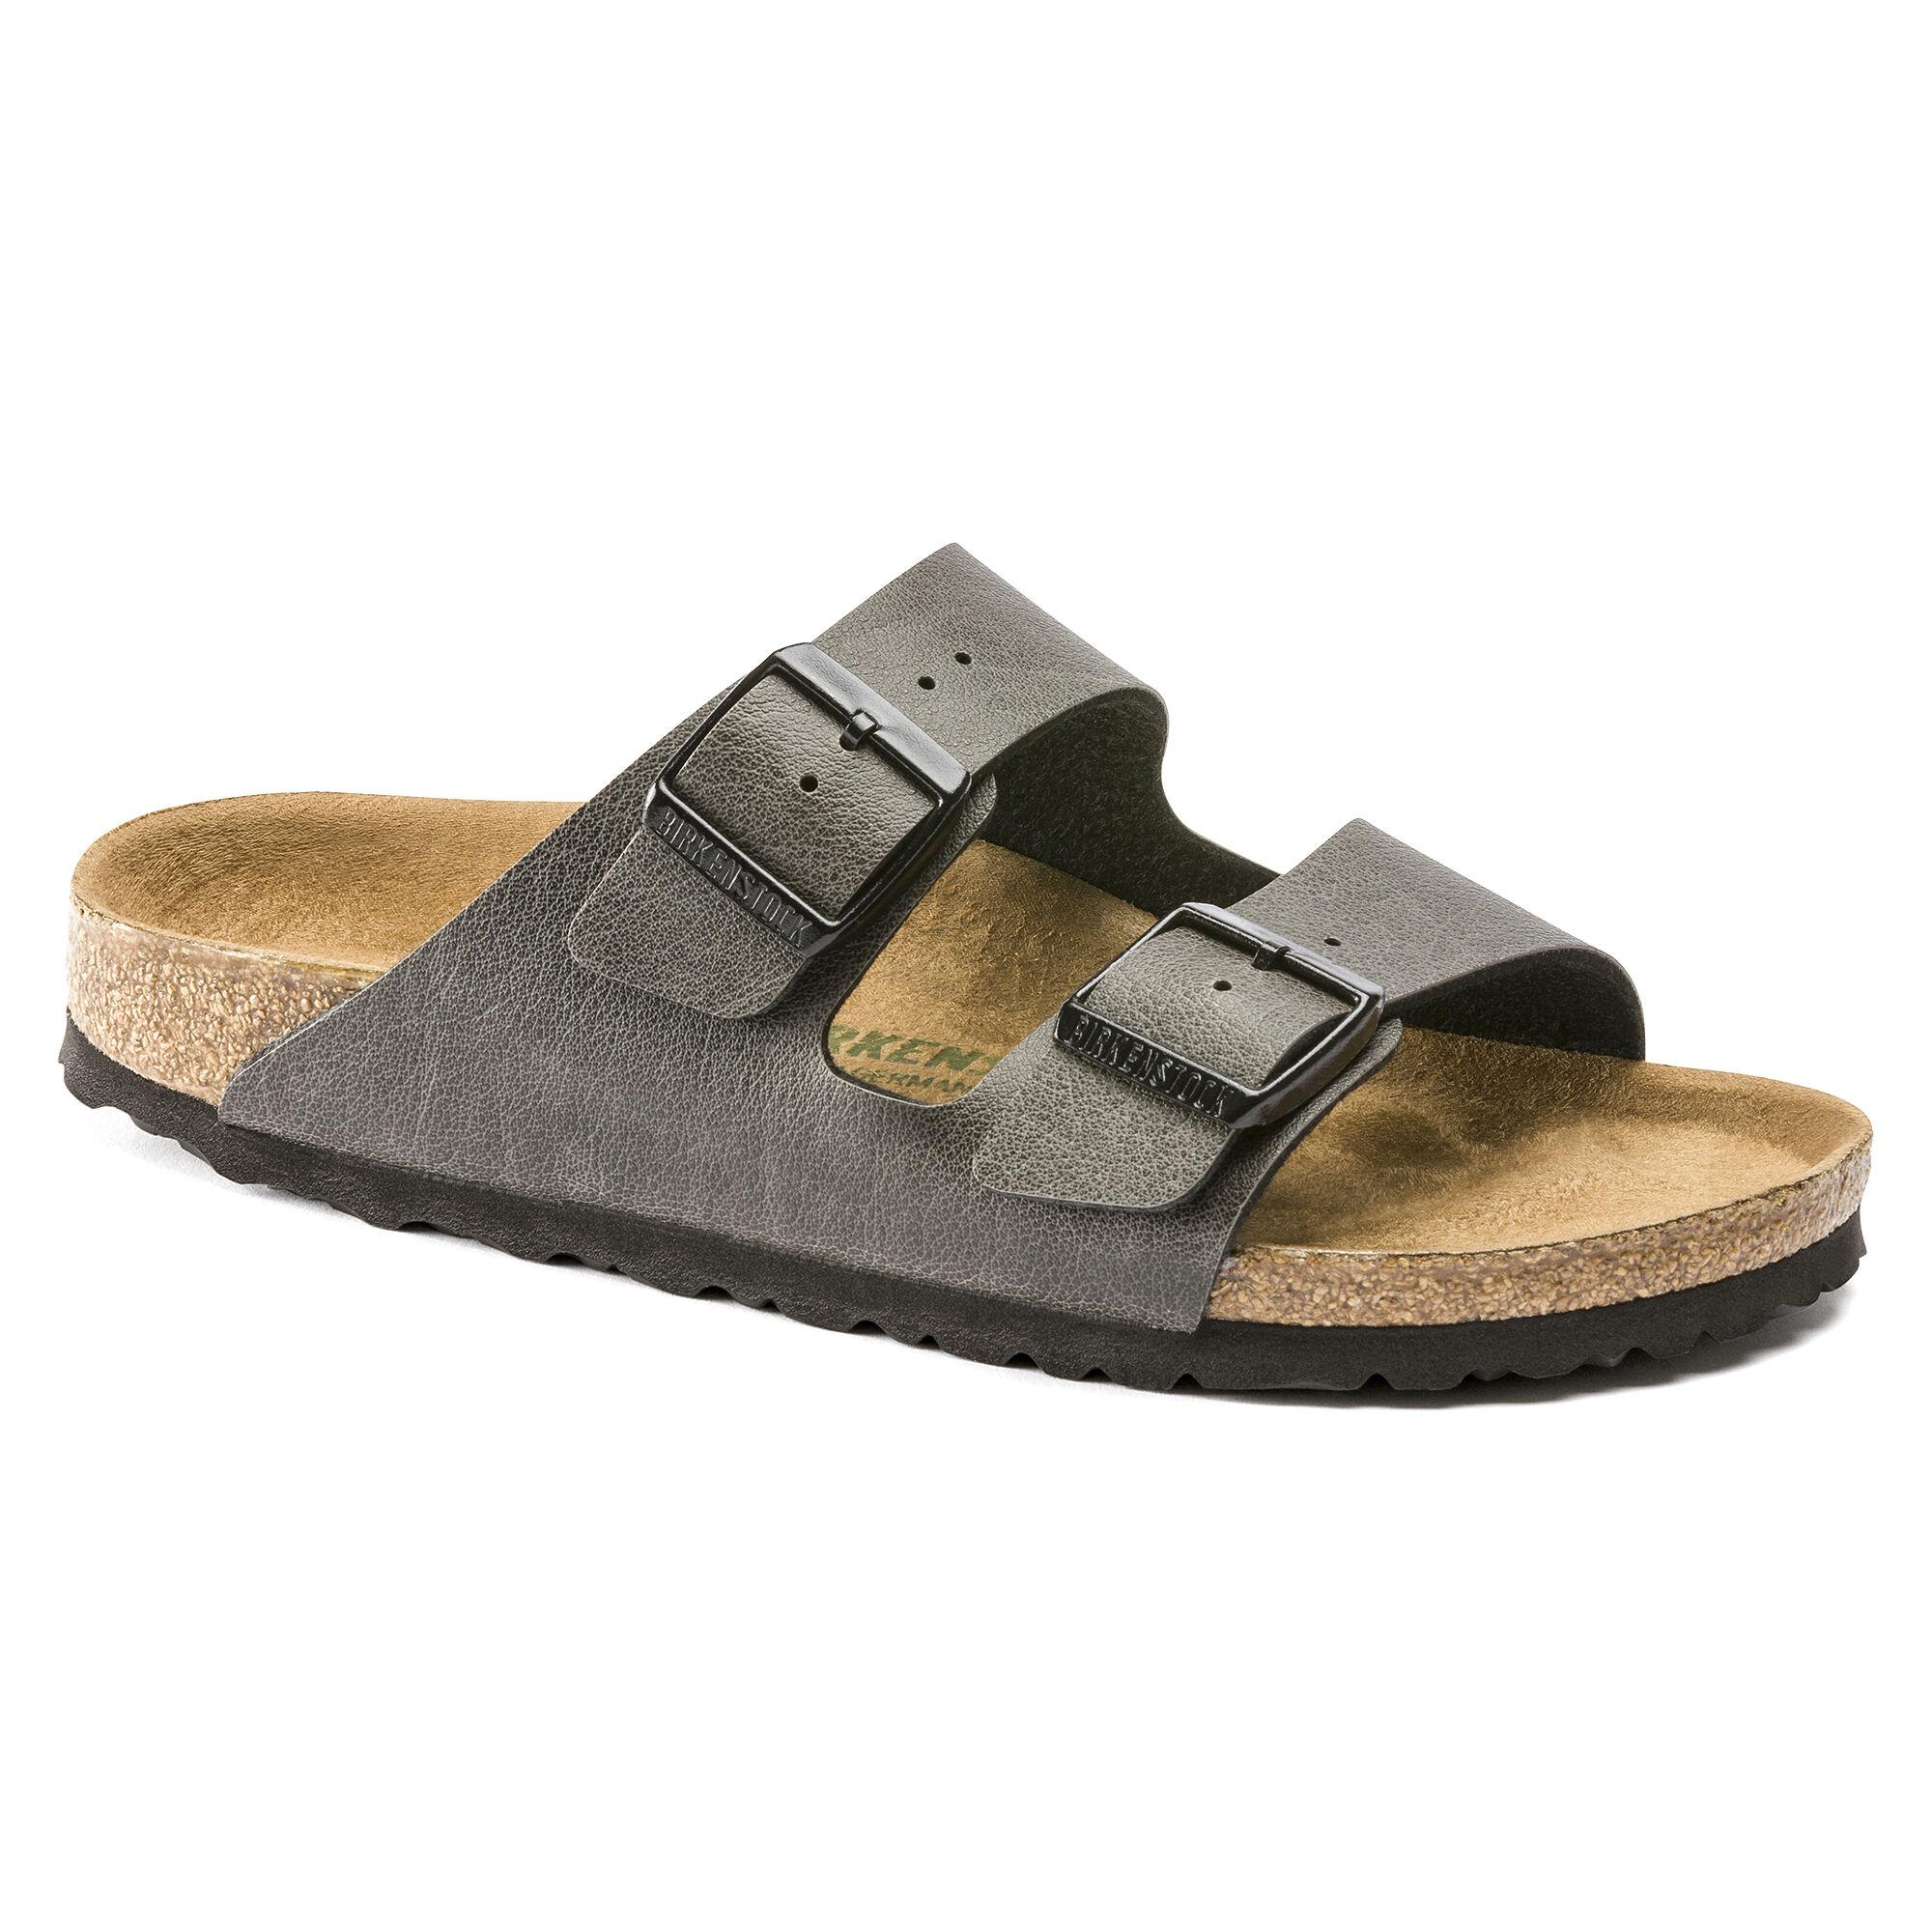 Sandalen für Damen   online kaufen bei BIRKENSTOCK